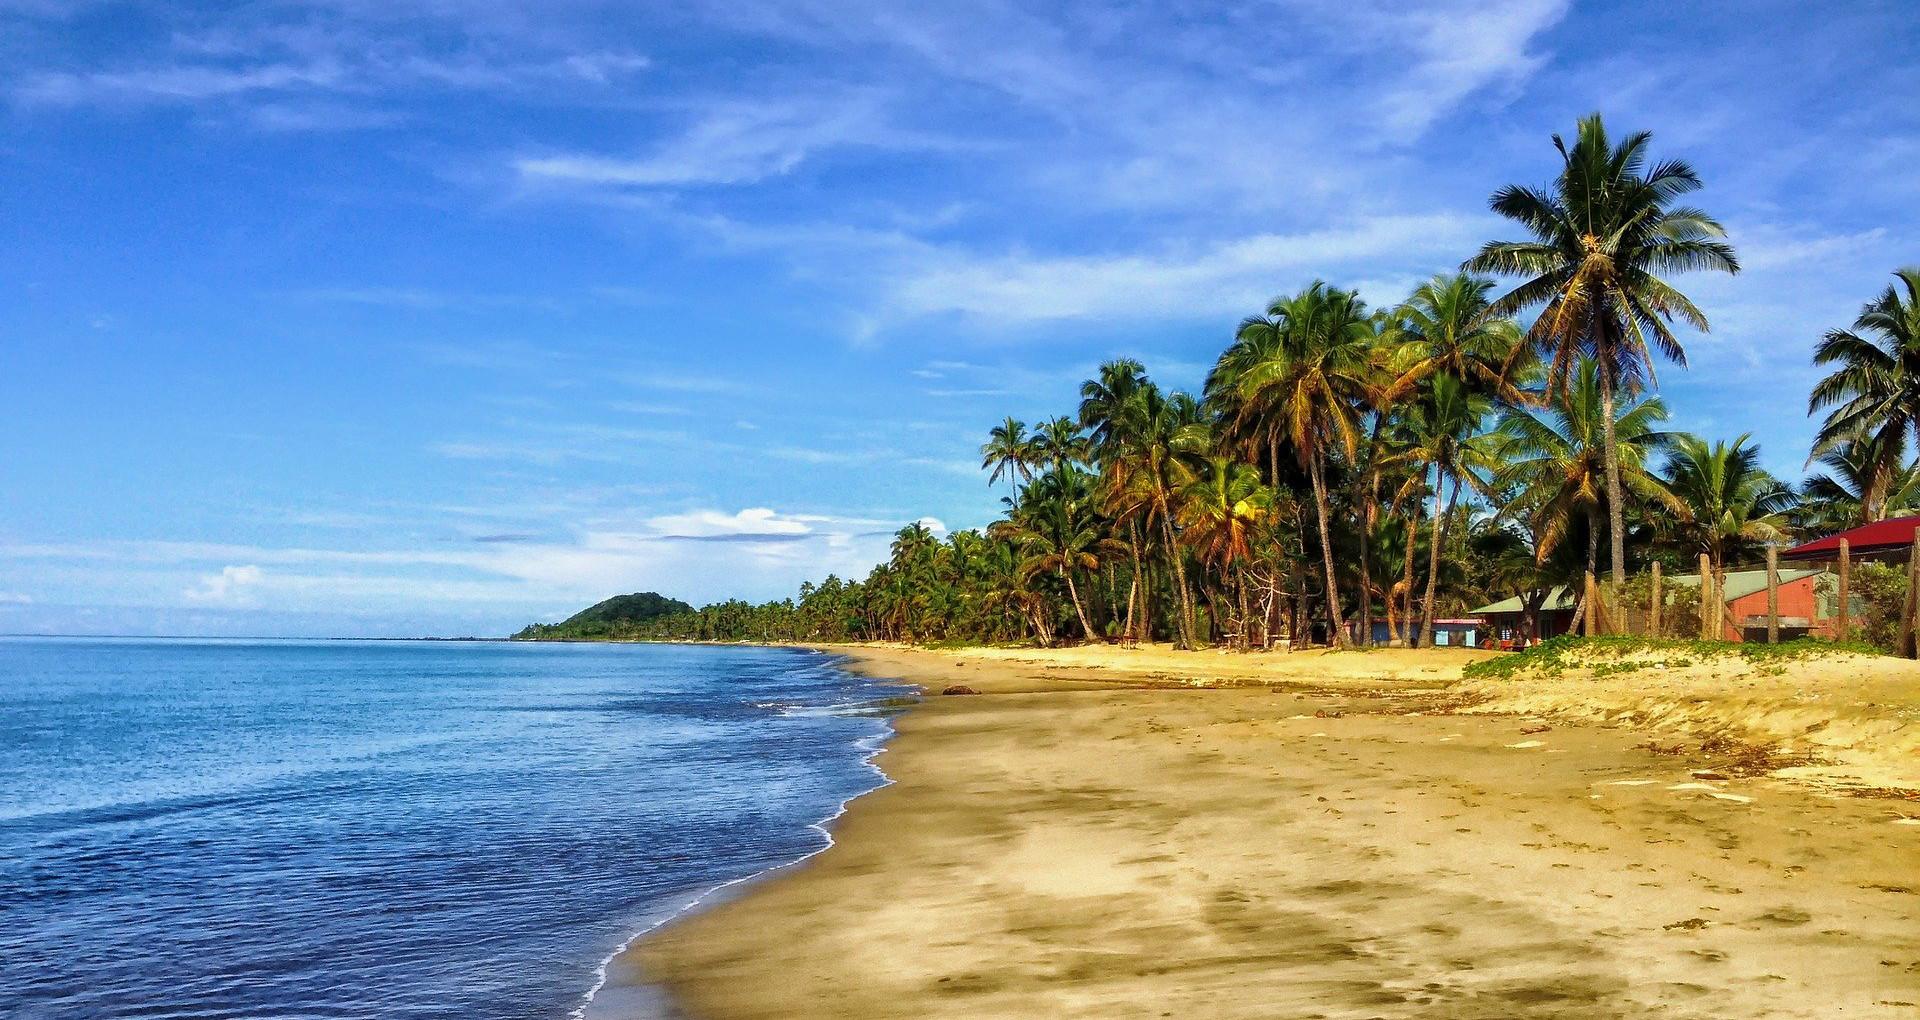 news-main-les-fidji-proposent-une-bulle-touristique.1593078787.jpg